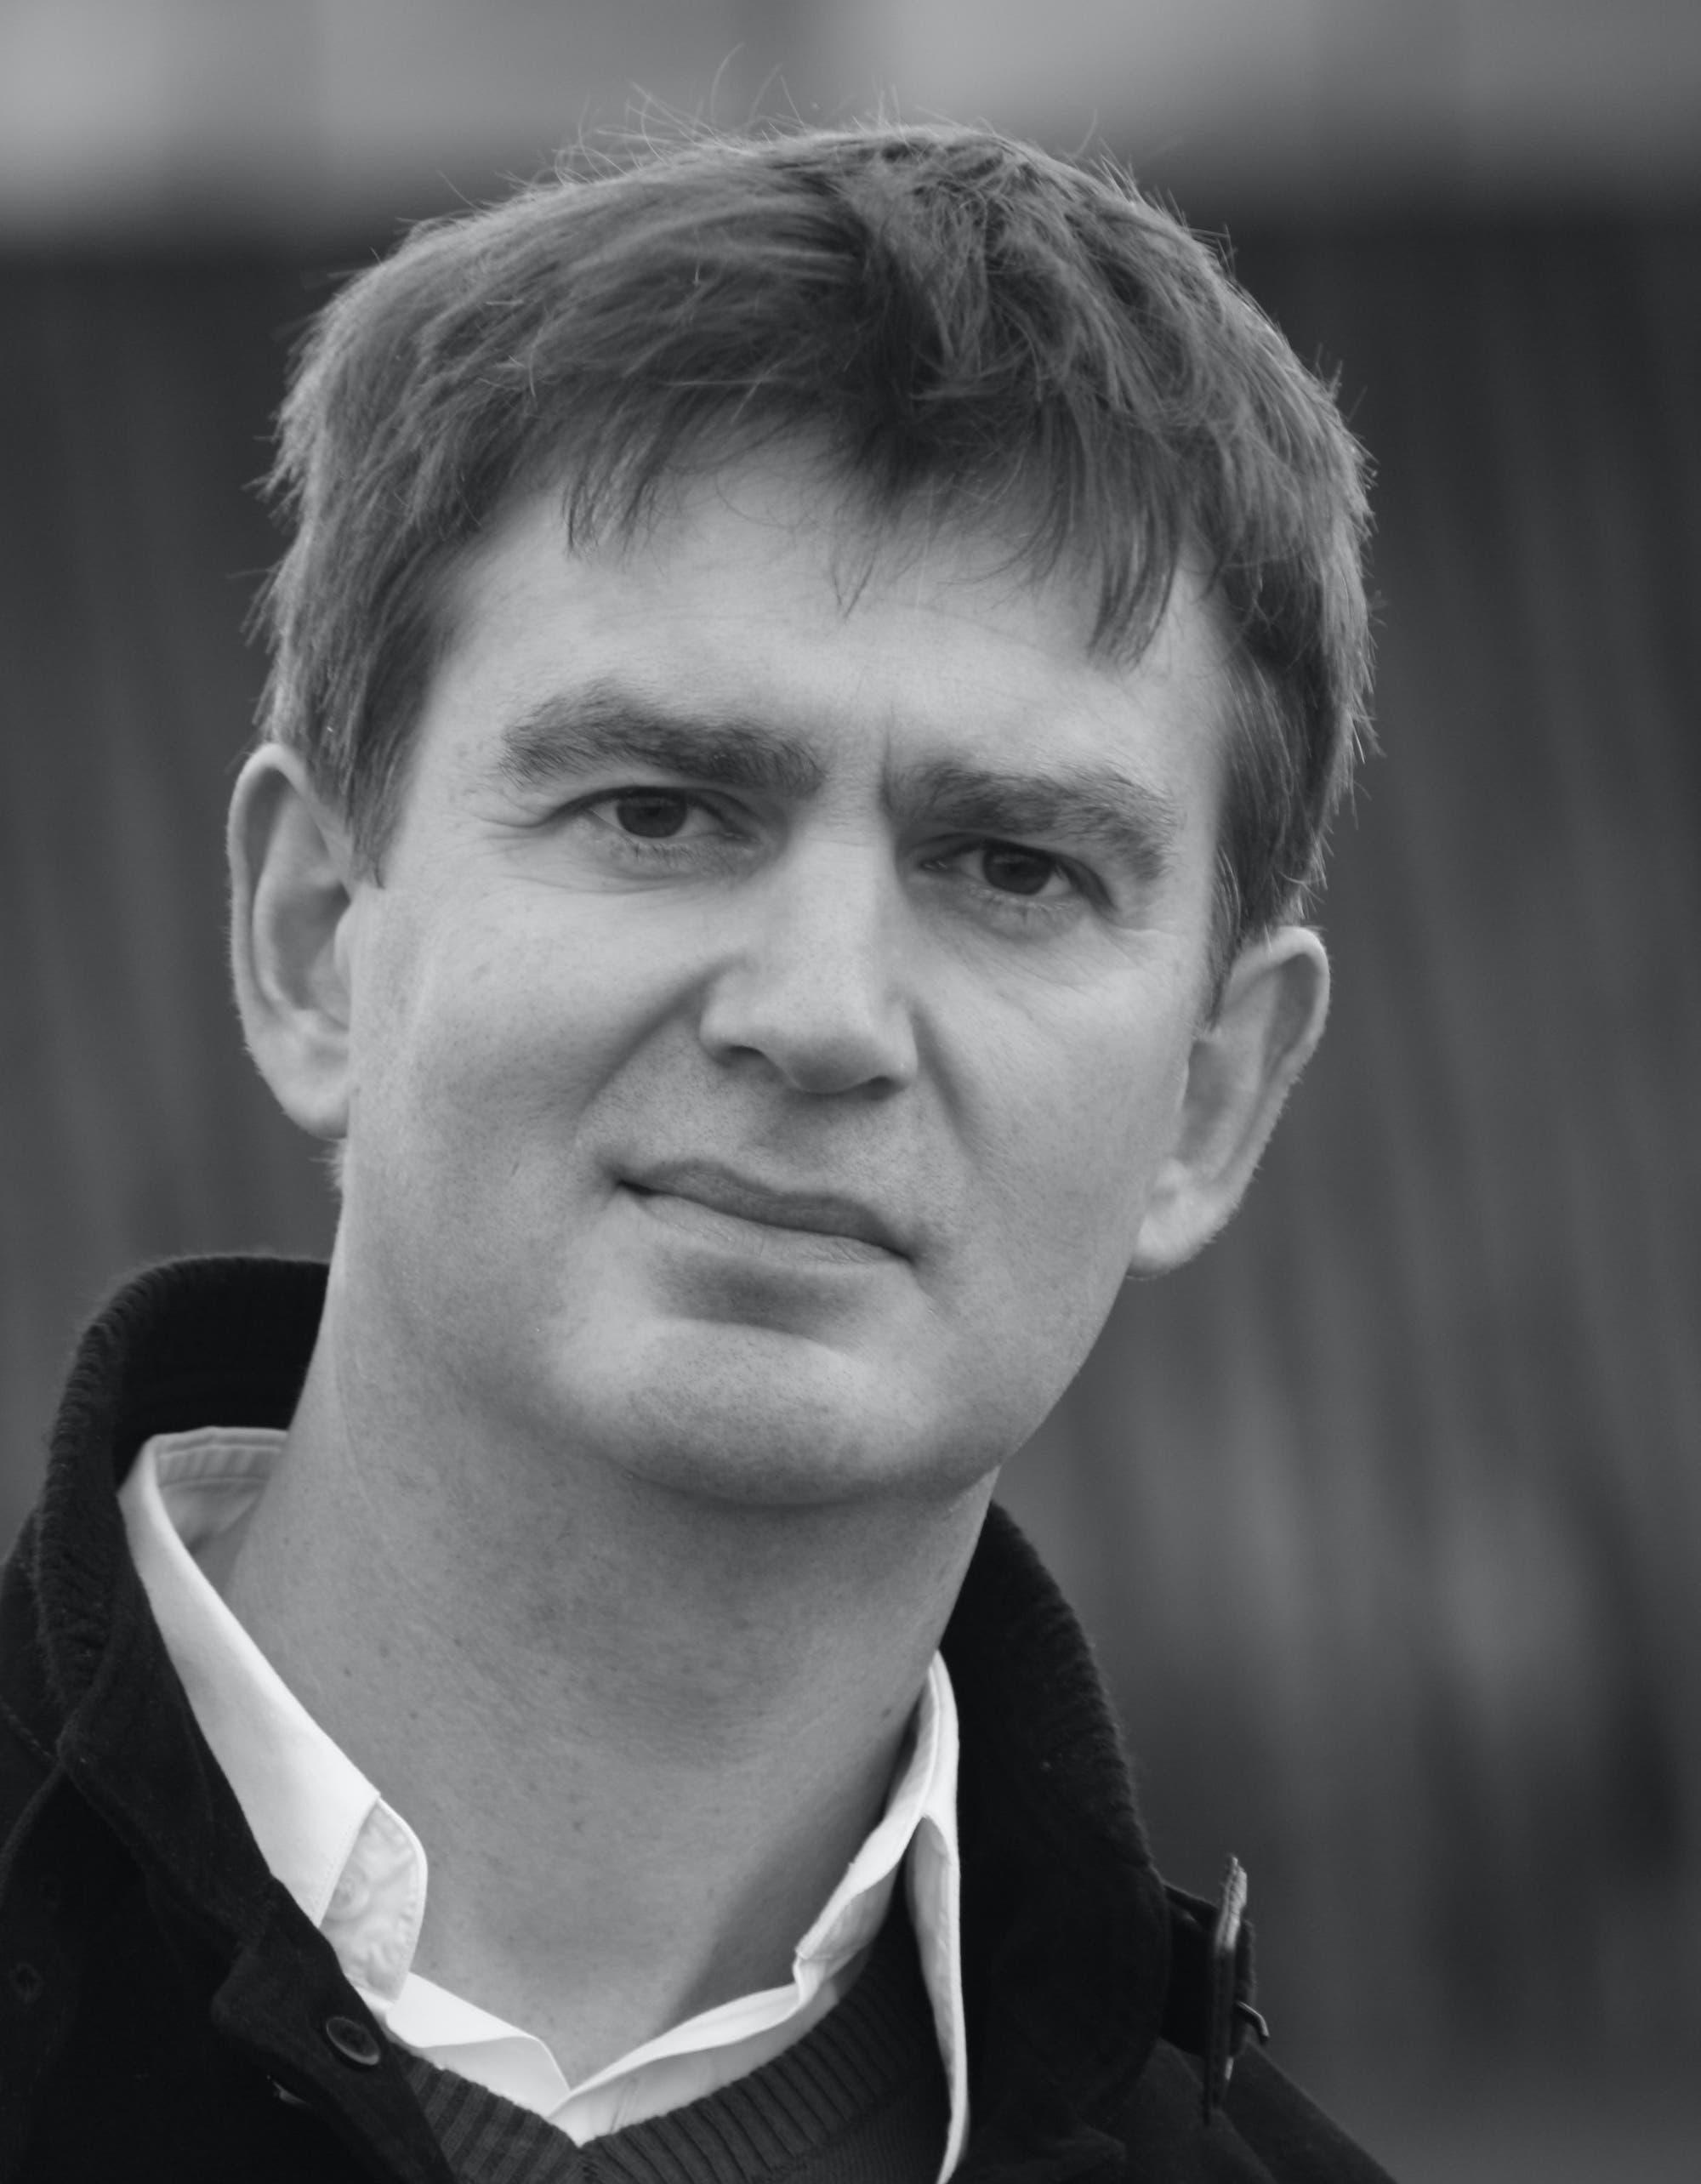 Sportwissenschaftler Markus Gruber im Porträt